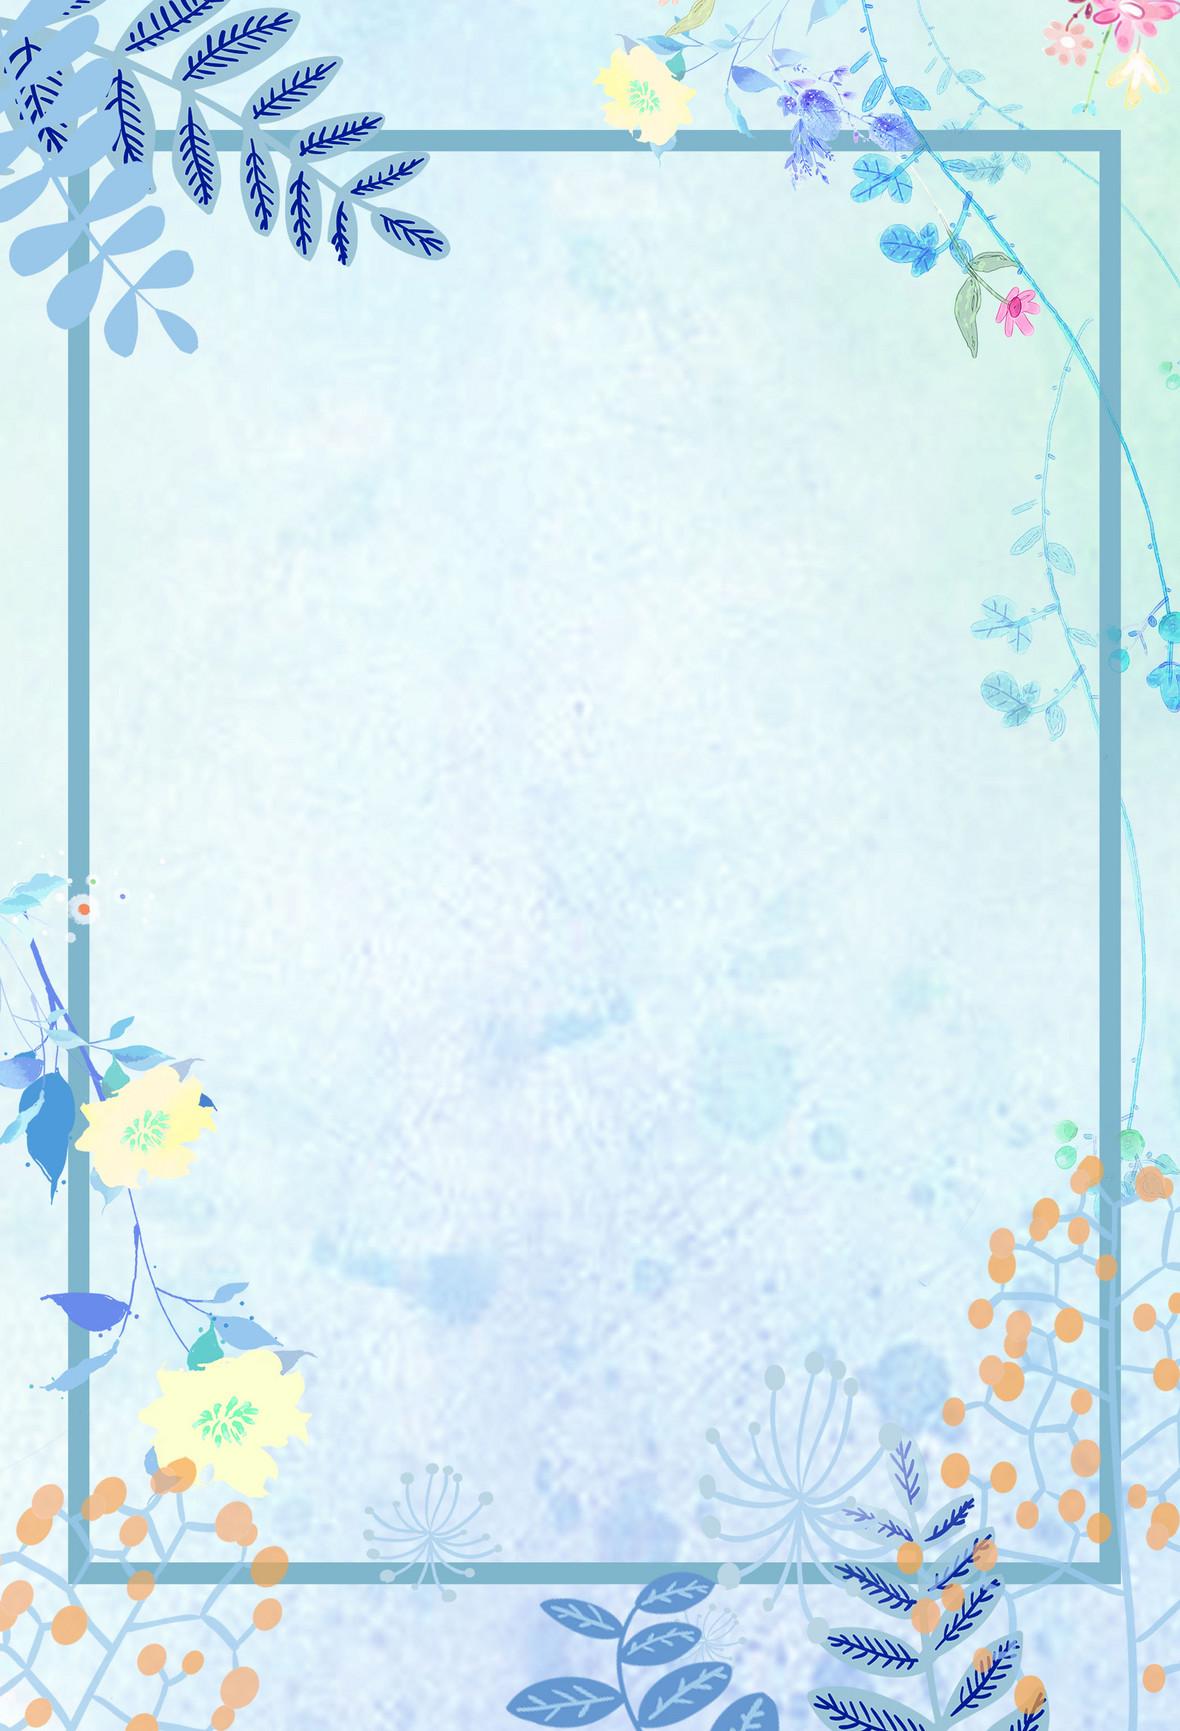 简约文艺夏日促销海报背景素材